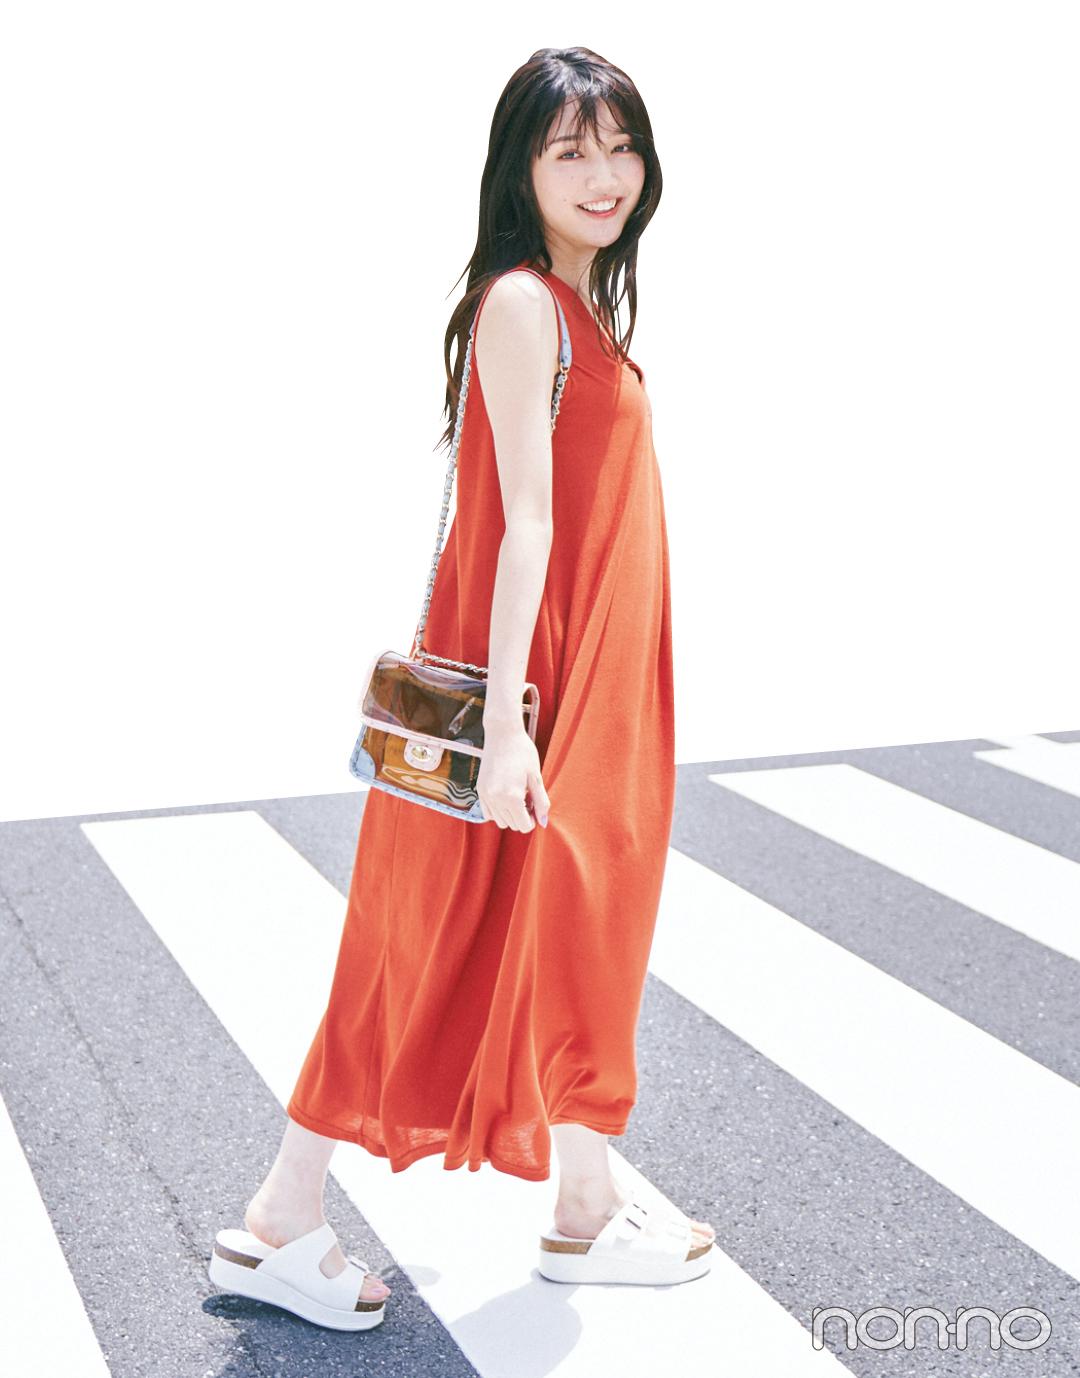 楽で可愛い旅服、きれい色ワンピの選び方etc.…ノンノモデルが夏コーデの悩みにお答え!_1_2-3